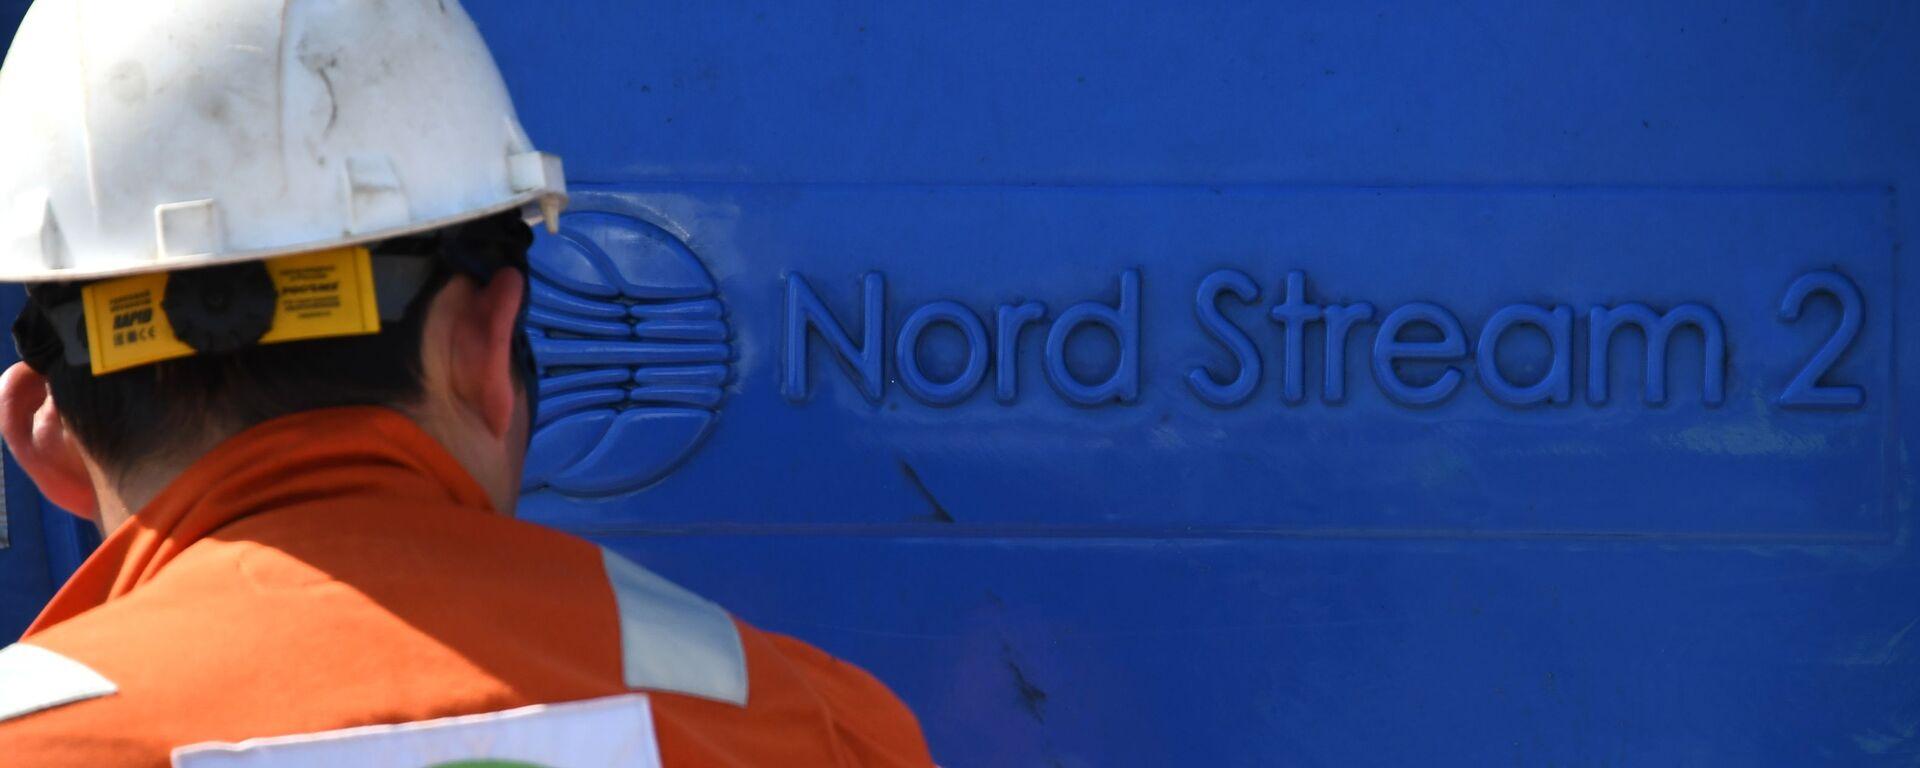 Un empleado invoclucrado en la construcción del gasoducto Nord Stream 2 - Sputnik Mundo, 1920, 10.08.2021